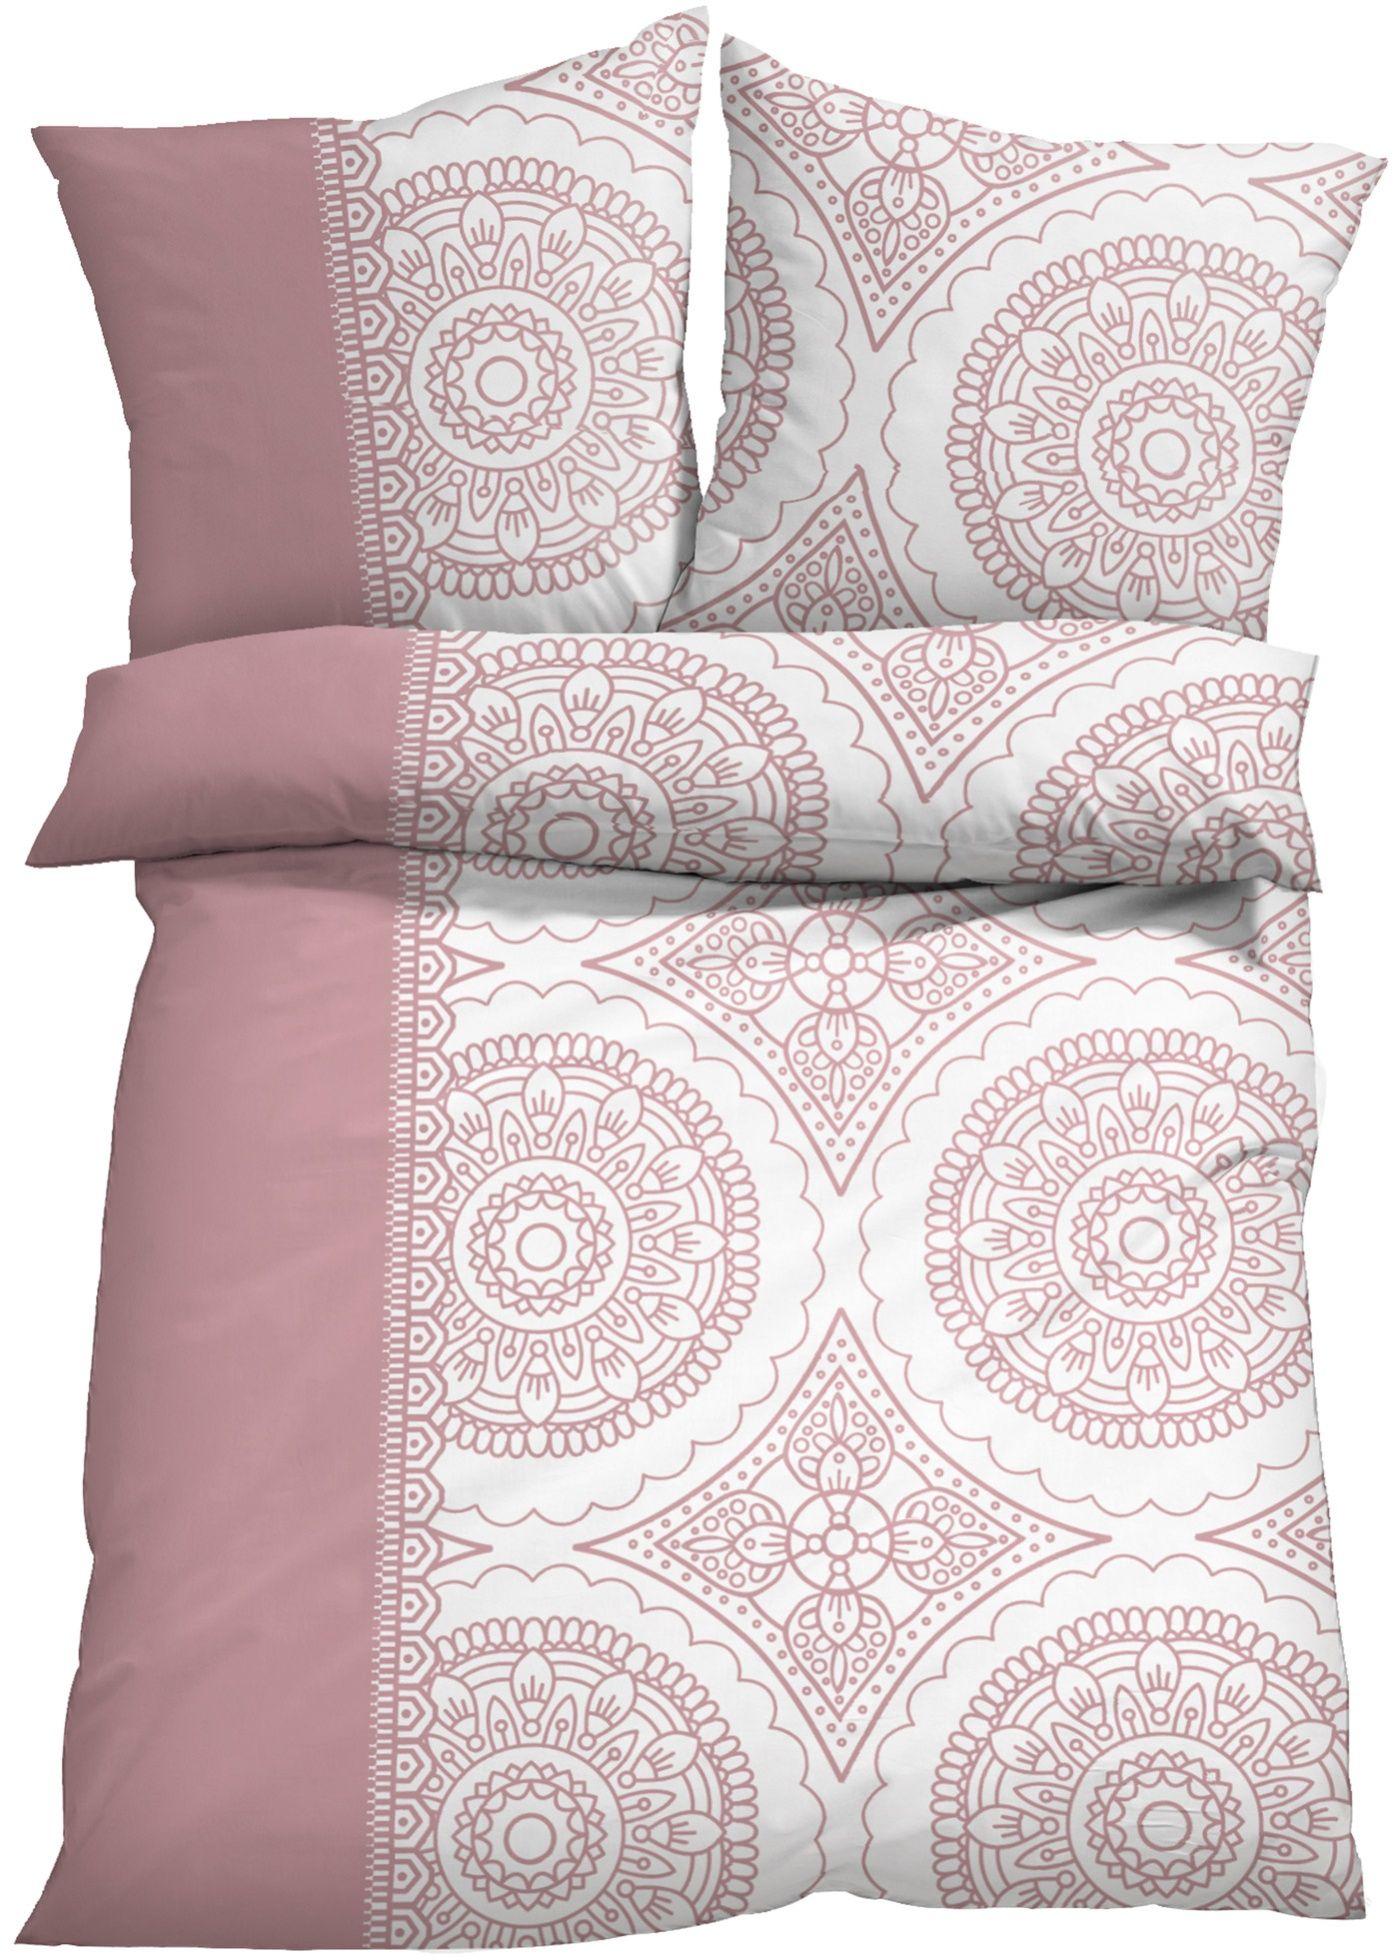 Bettwasche Svenja Linon Bettwasche Bett Und Farbstreifen